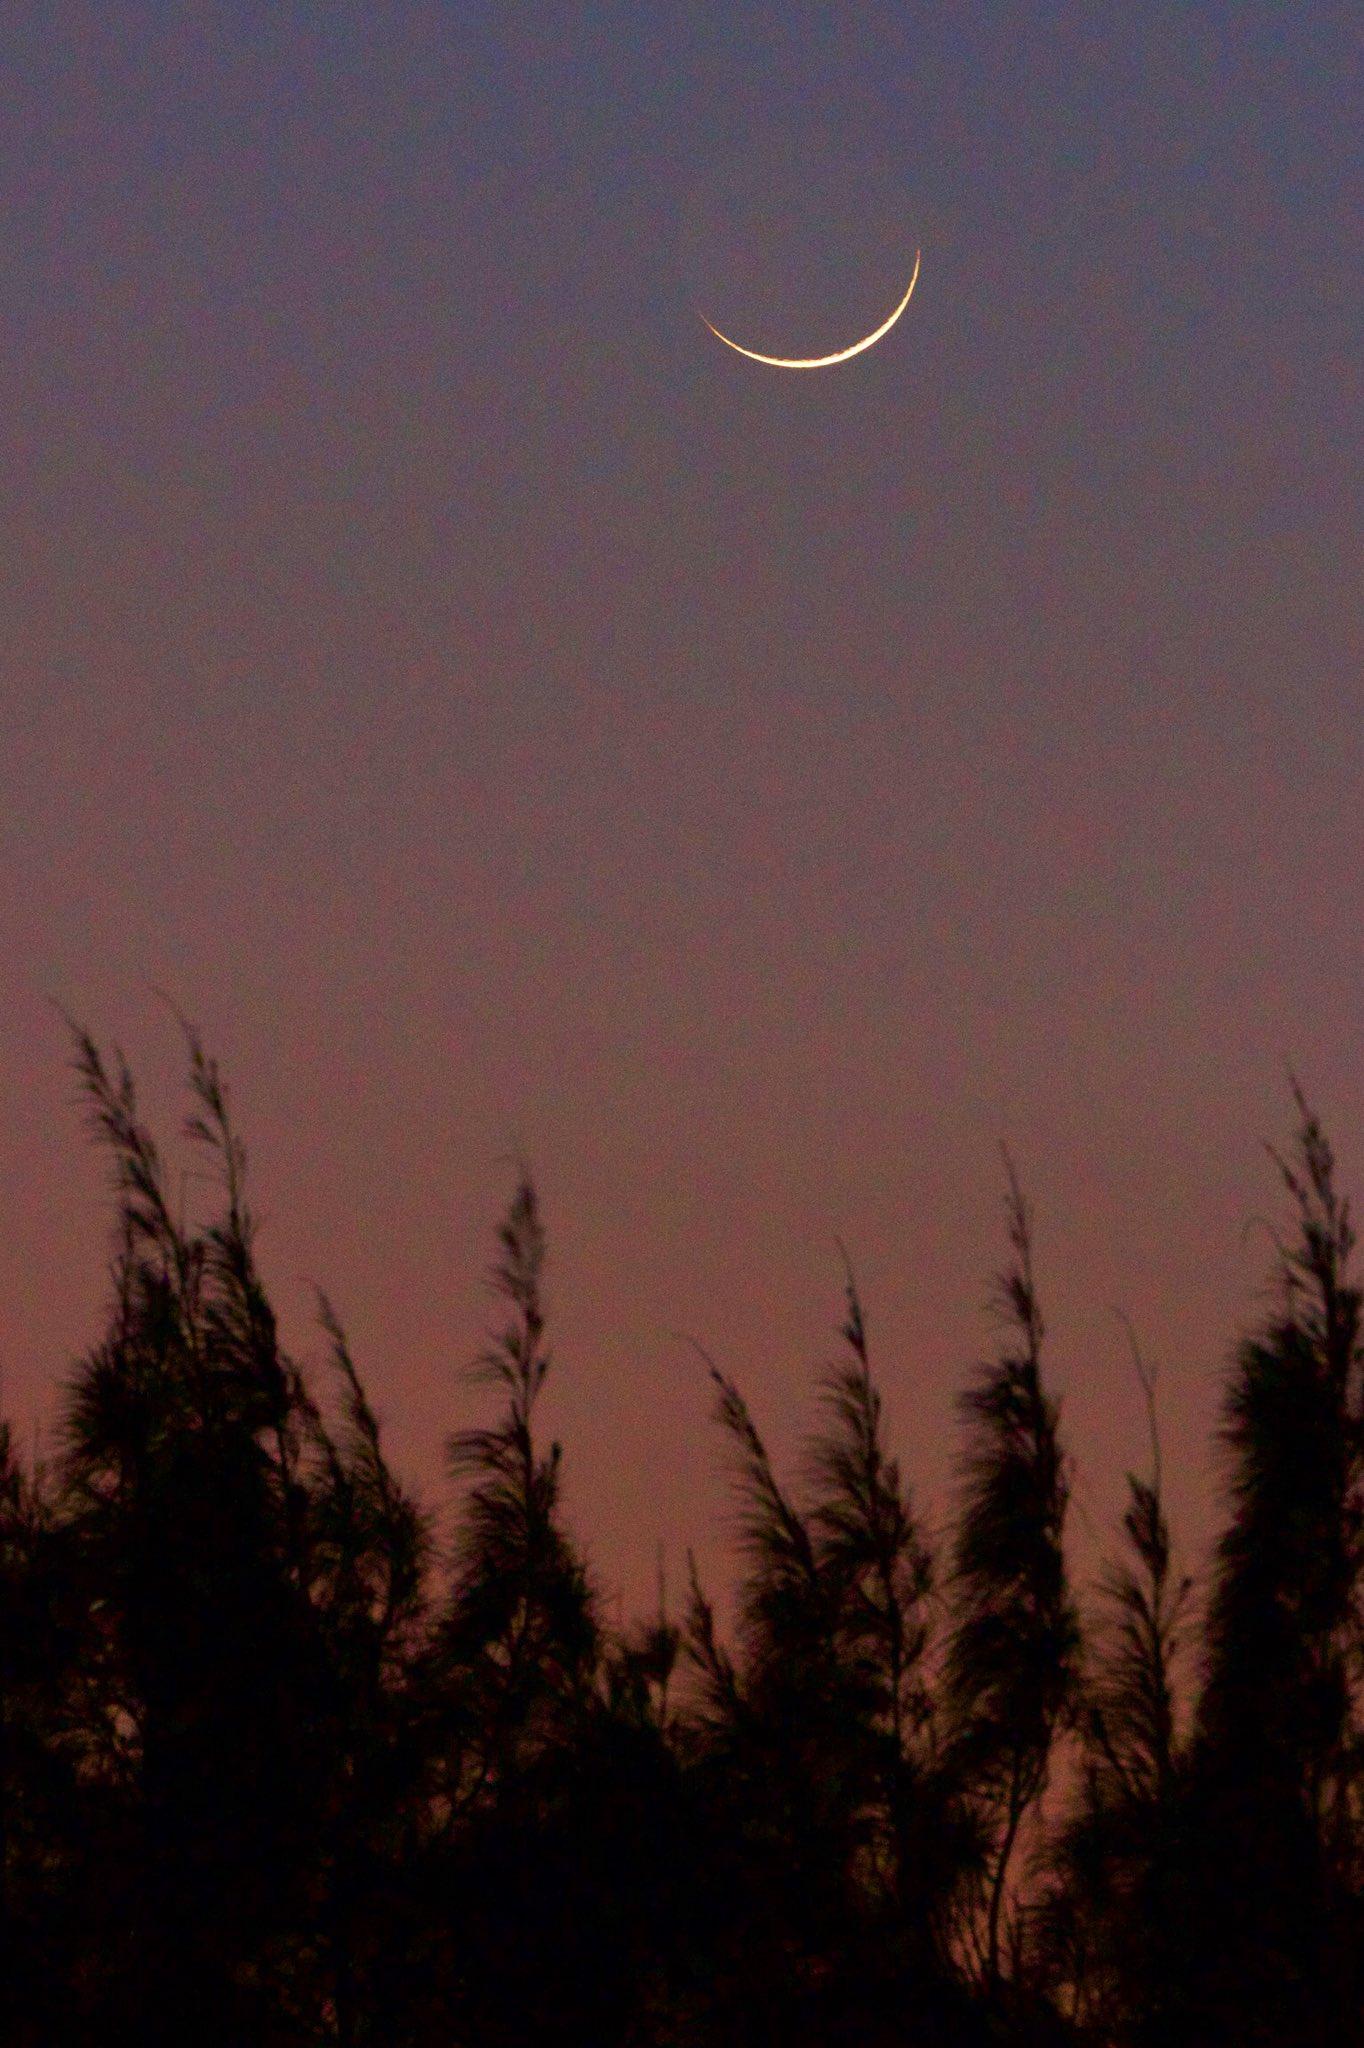 RT @fotogarrido: La sonriente luna creciente de otoño sobre la Heroica #Veracruz #México 🇲🇽  Luna de sábado.  @El_Universo_Hoy @webcamsdemexico https://t.co/bcxOk7RBwh